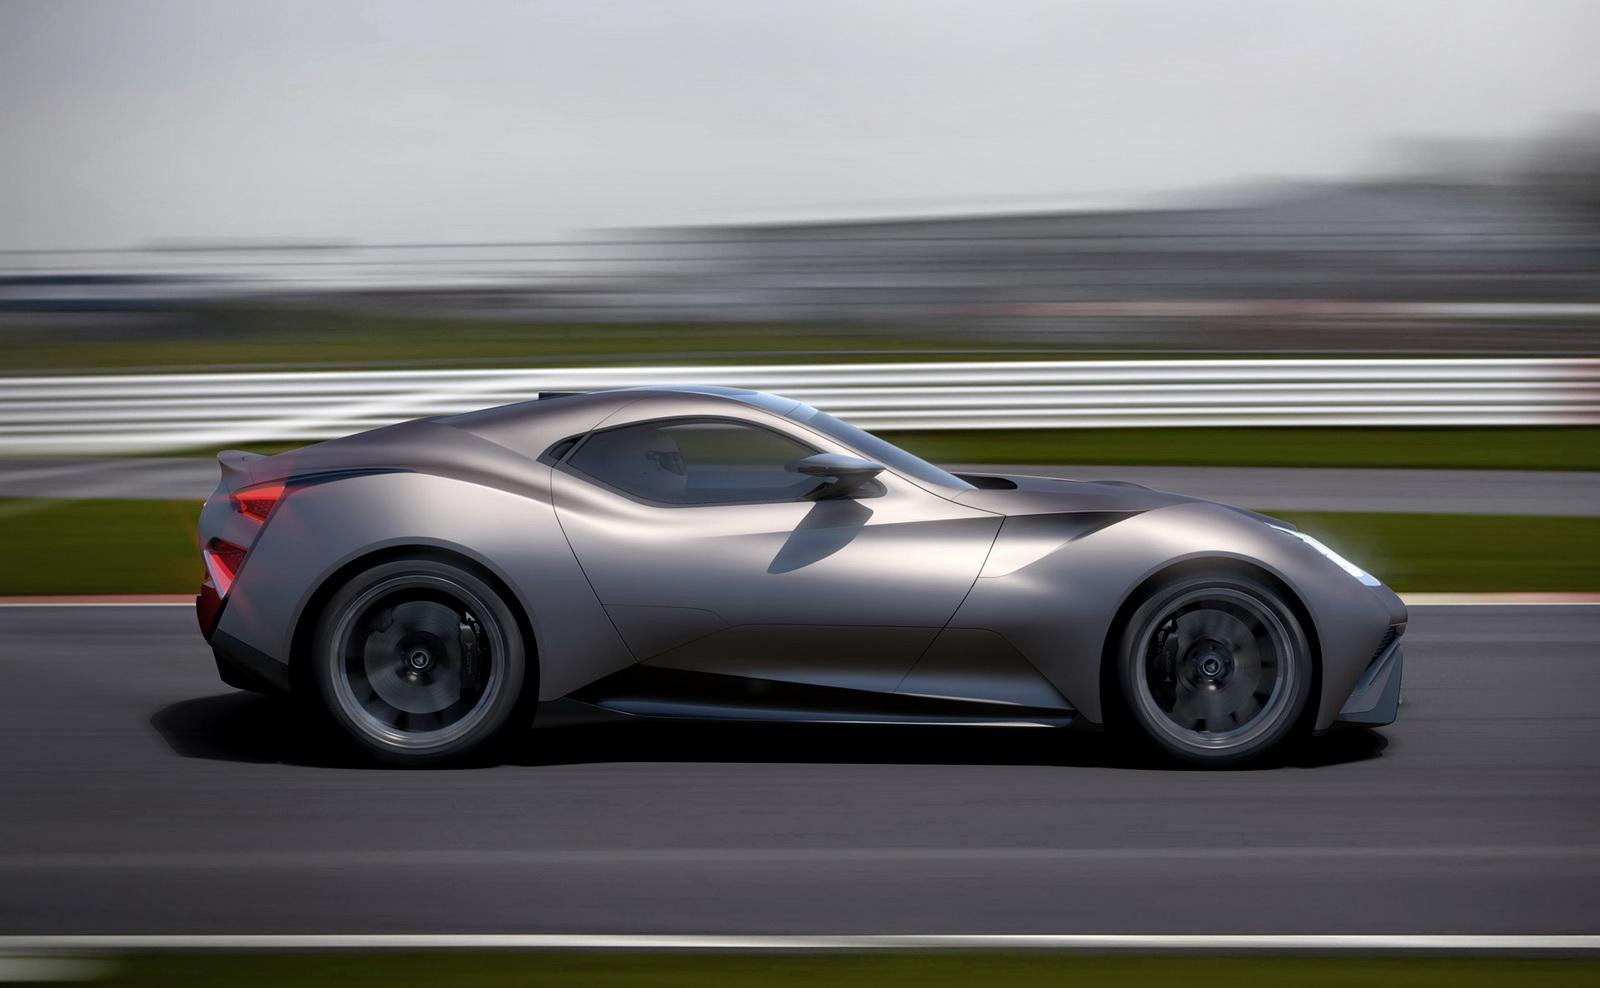 Icona Vulcano: 2,45 millones de euros cuesta el primer coche fabricado en titanio del mundo 2